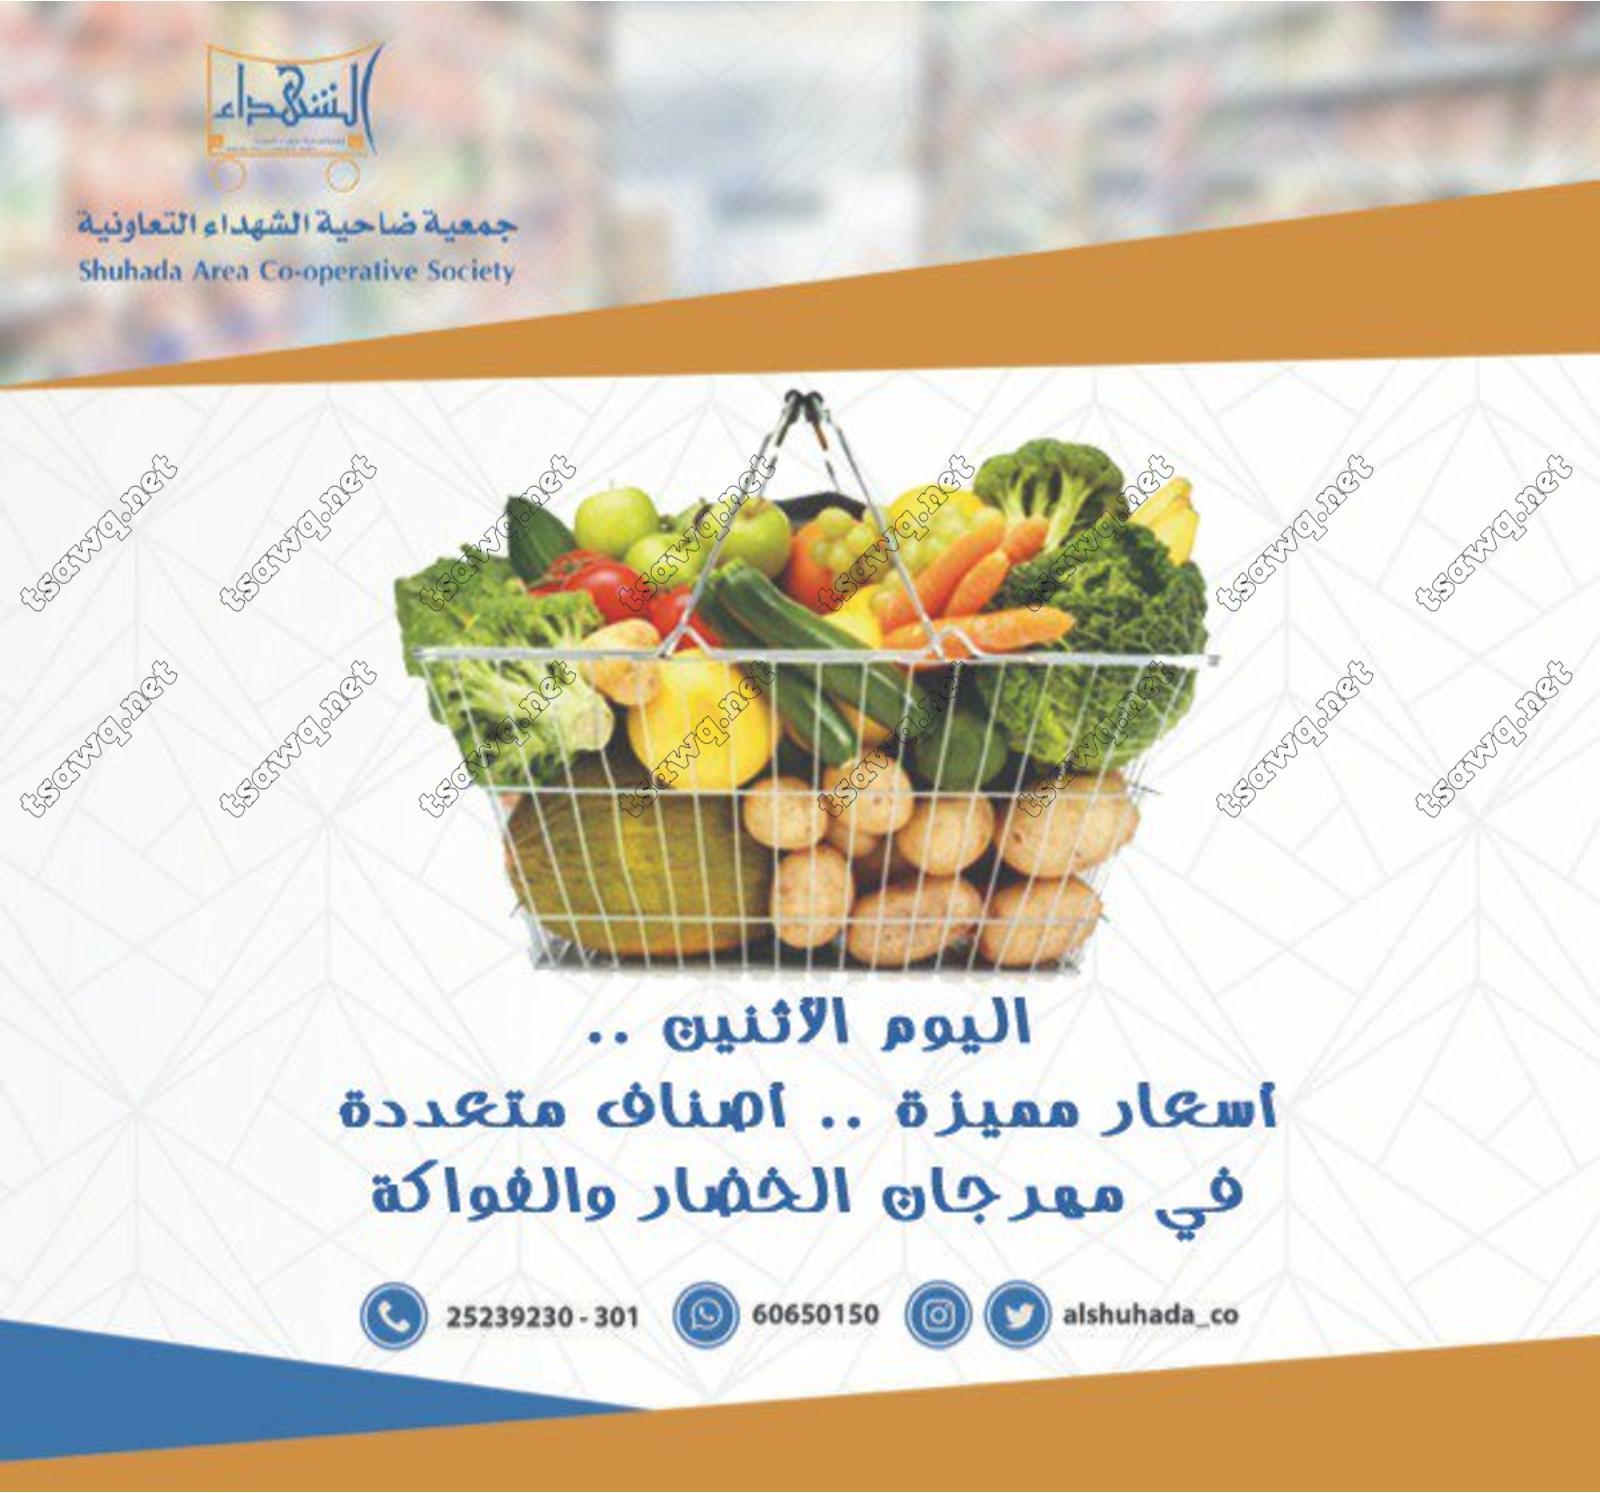 Calaméo - Tsawq Net Al Shuhada Coop Kuwait 23 7 2018